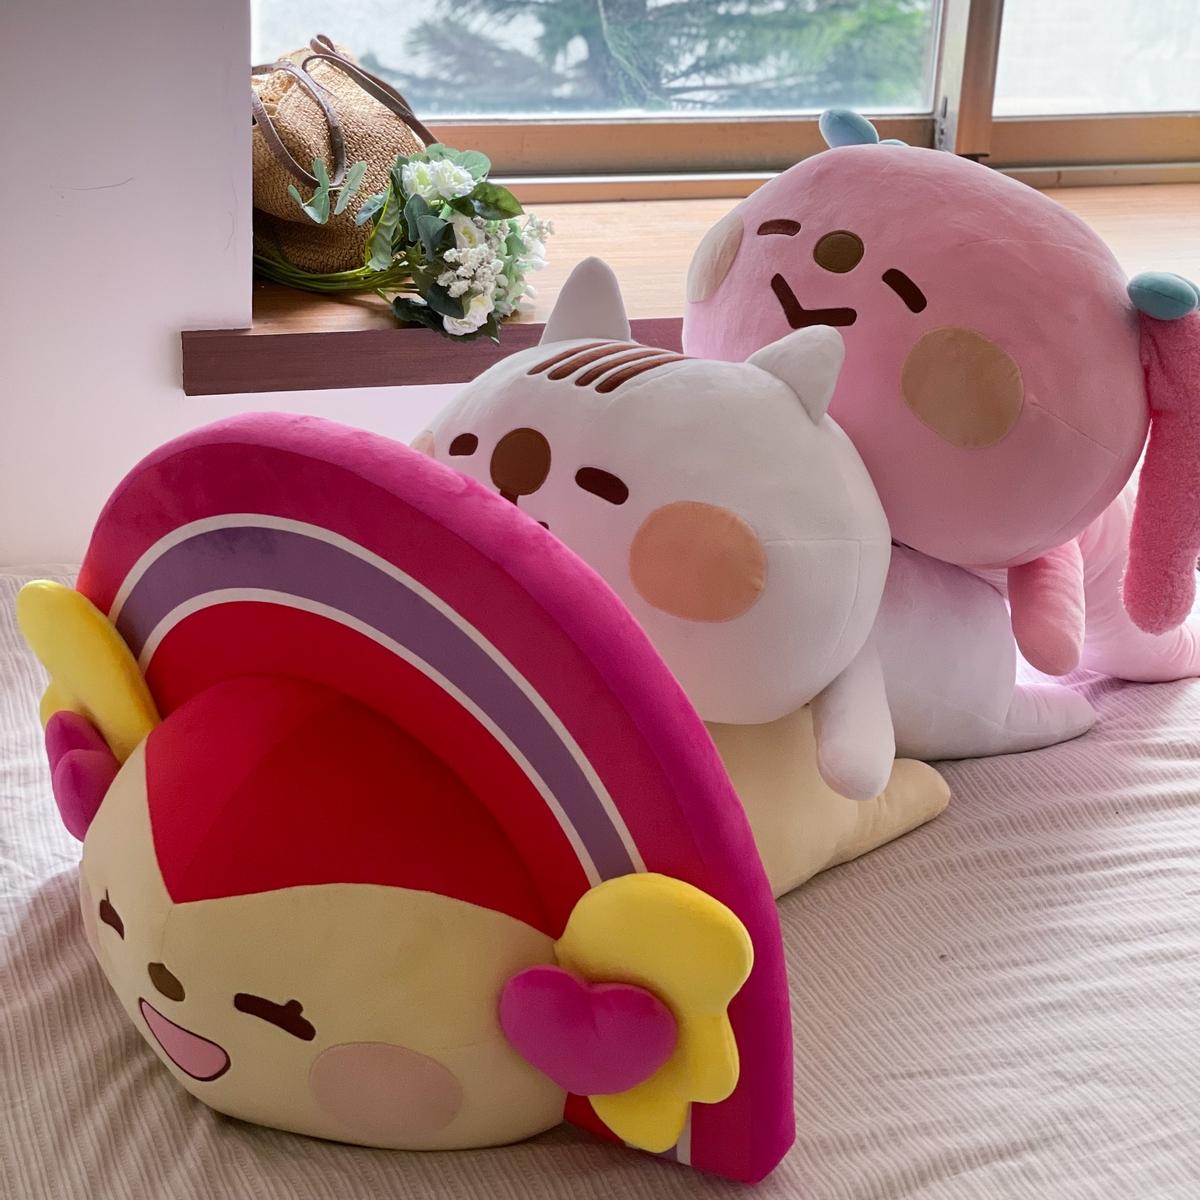 7-11推30款「卡娜赫拉的小動物世界萌集點送」 OPEN家族X卡娜赫拉福袋、巨型娃娃同步販售!